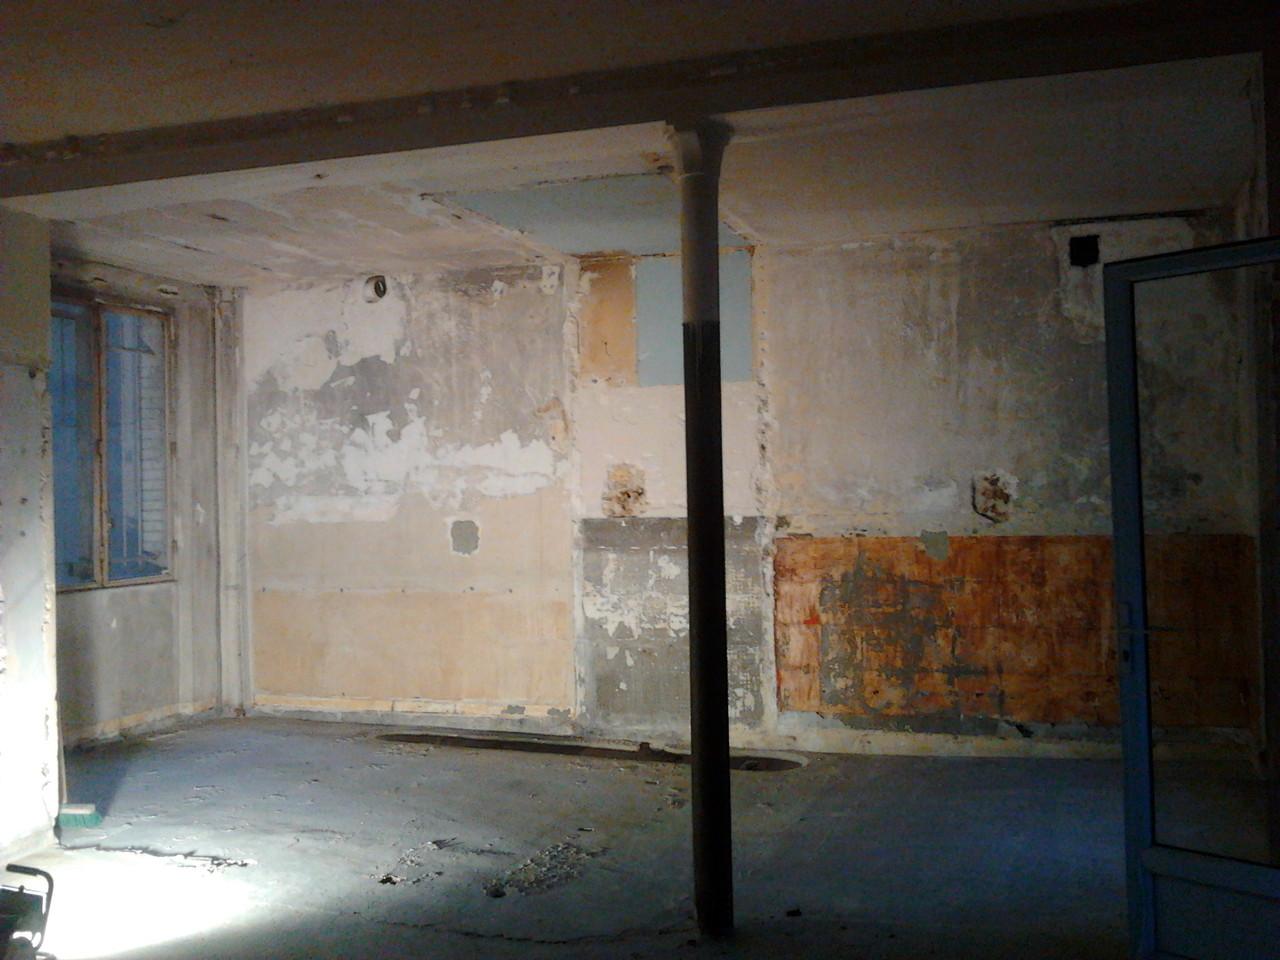 janvier: dépose totale des cloisons, mise à nu enduit béton anciens bains-douches de l'immeuble. Etude thermique et diagnostic humidité